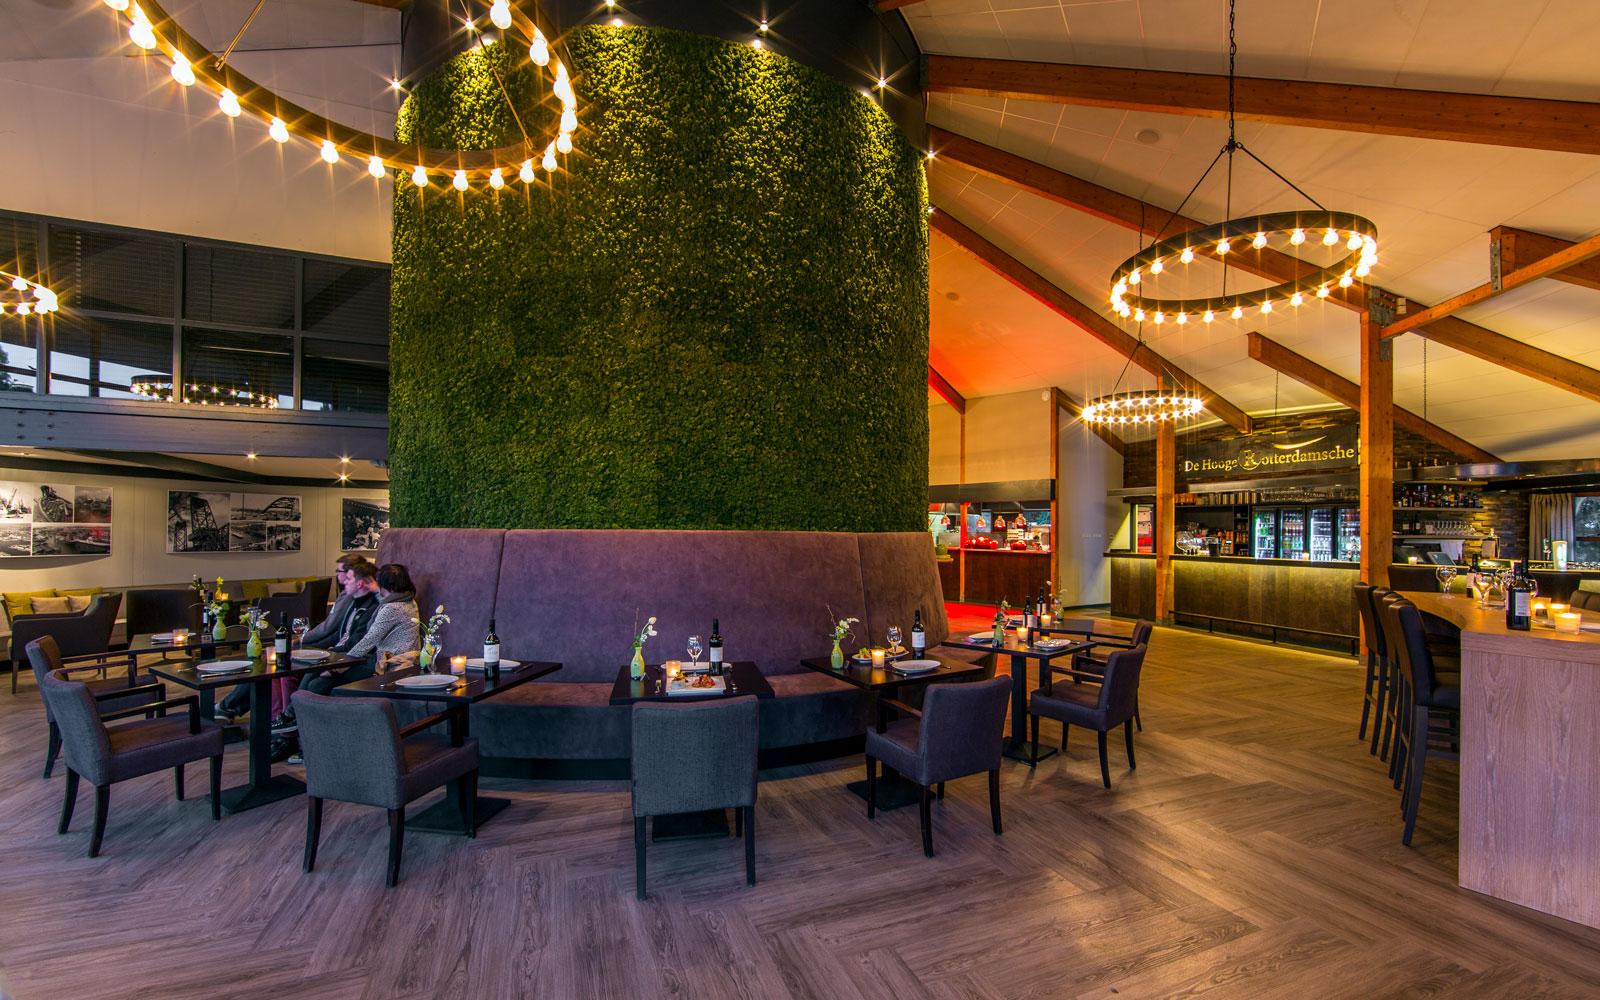 Brasserie, pvc vloer, geprepareerd mos, akoestiek, natuurlijke materialen, golfbaan, De Hooge Rotterdamsche, Versteegh Design